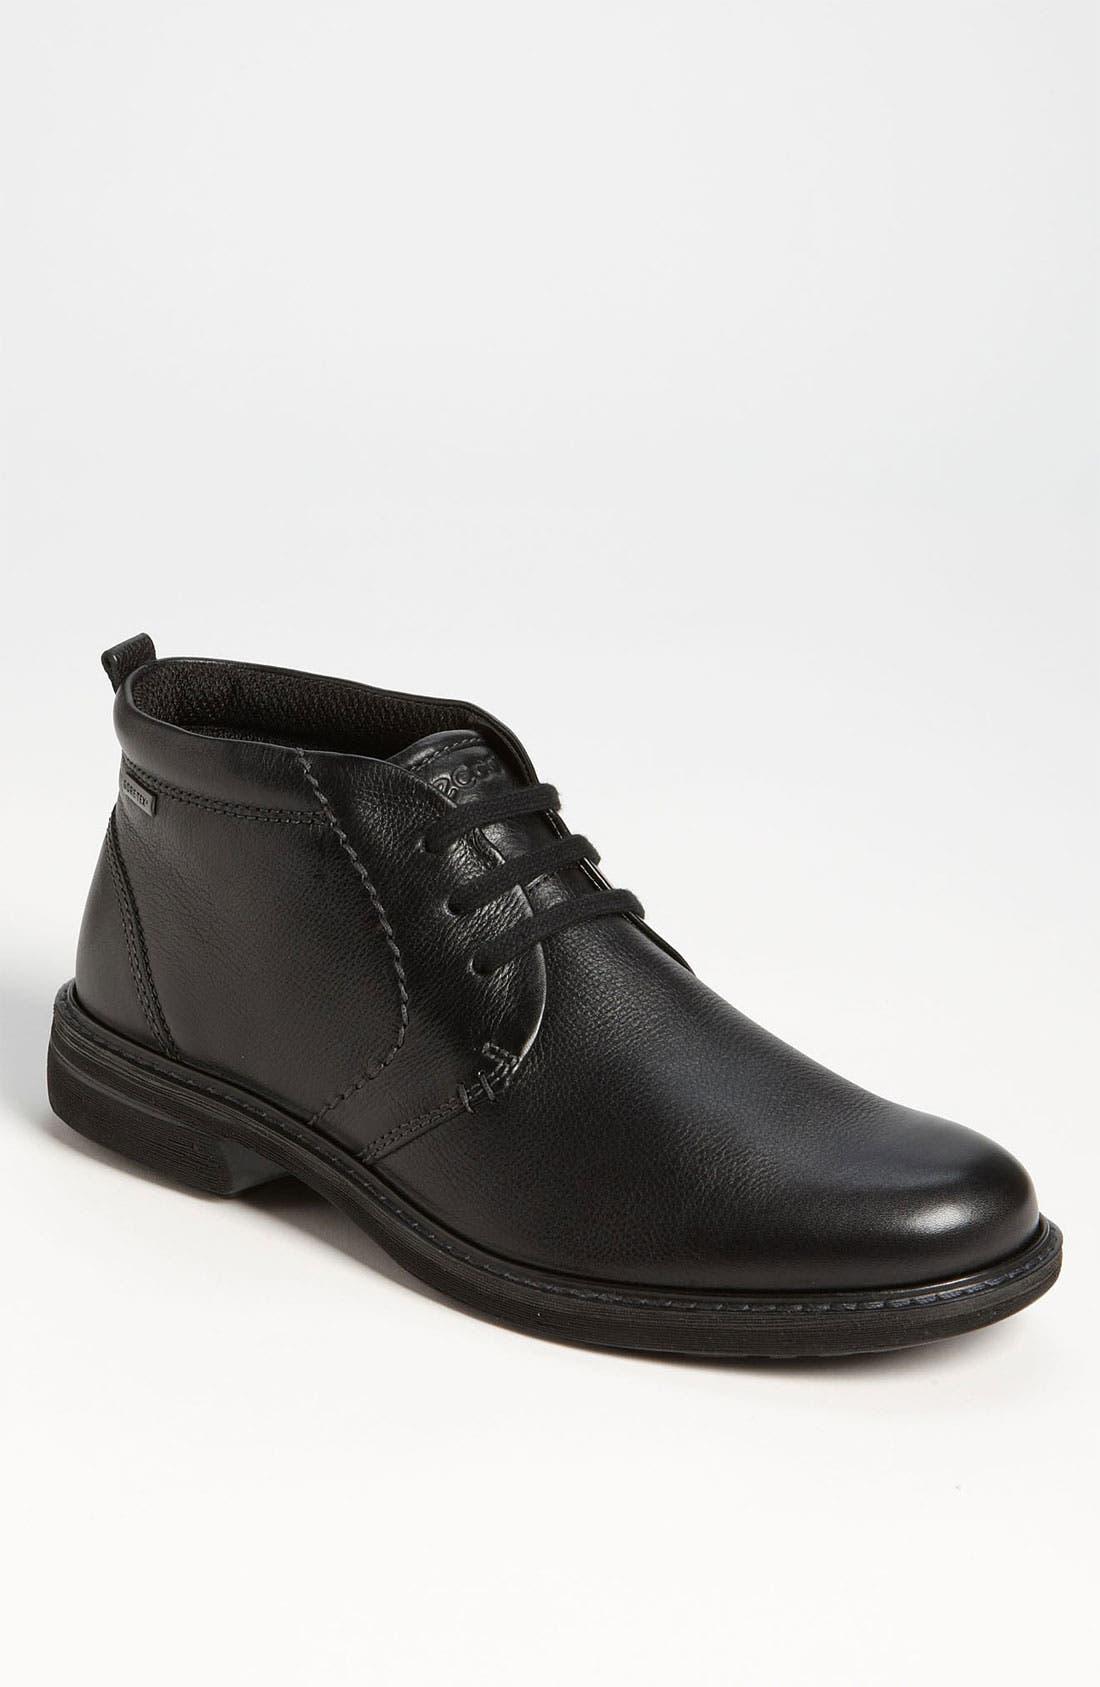 ECCO Turn Chukka Boot